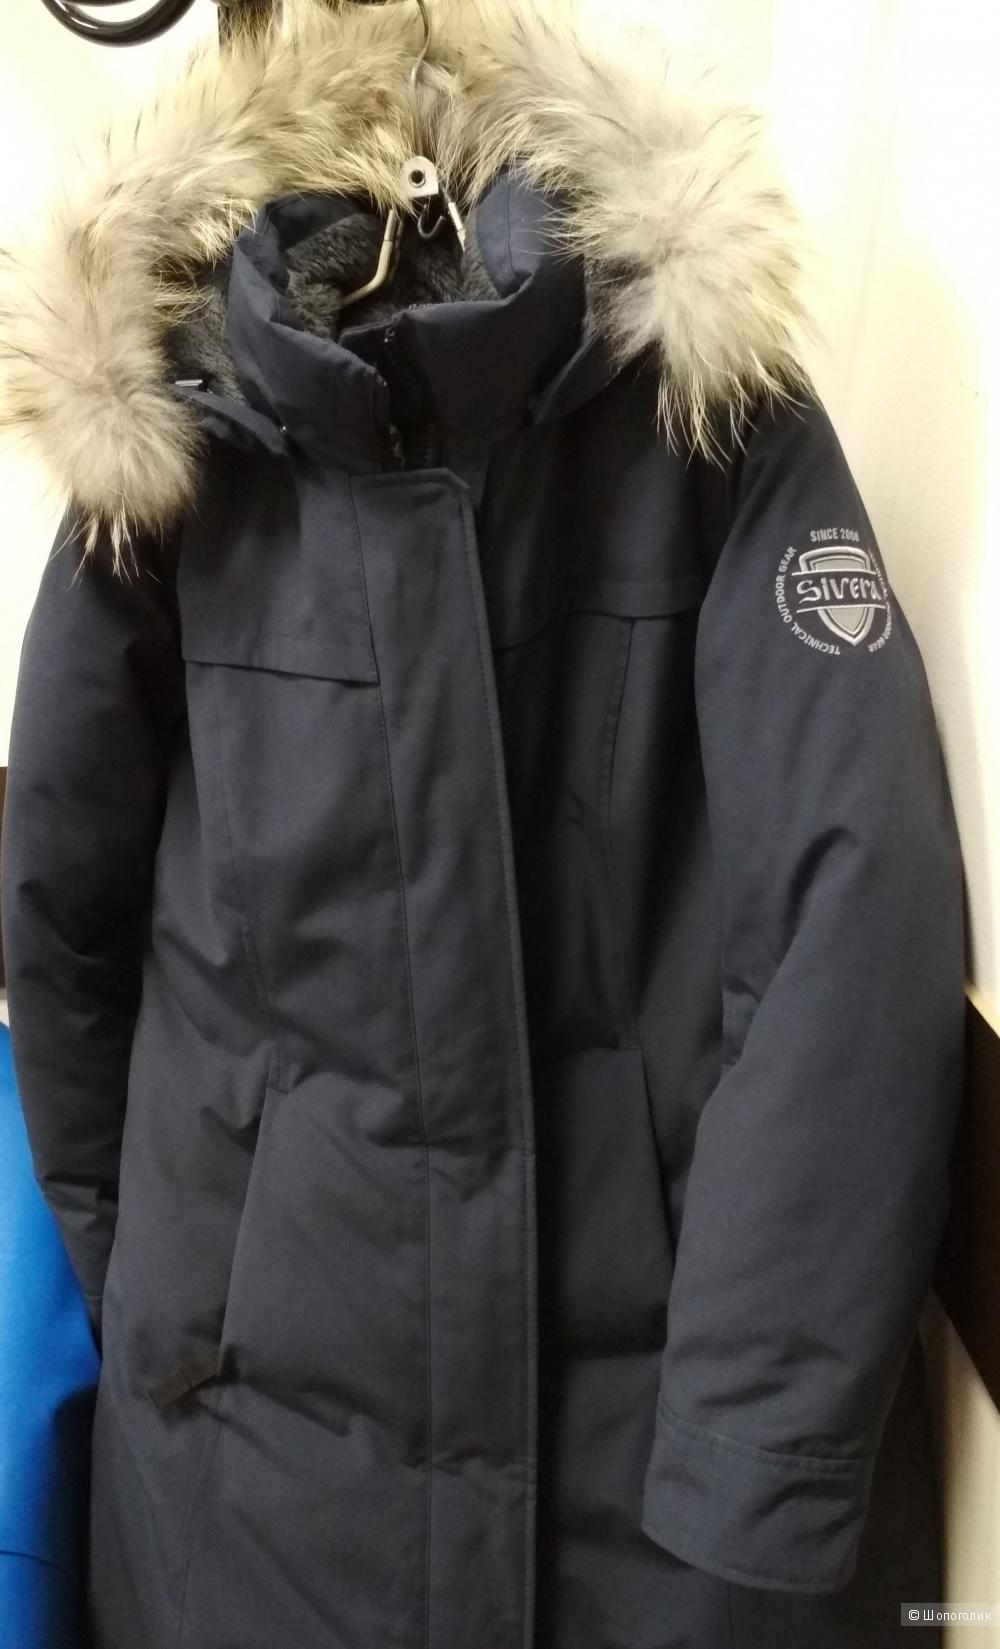 Пуховое пальто Sivera Волога М р.48